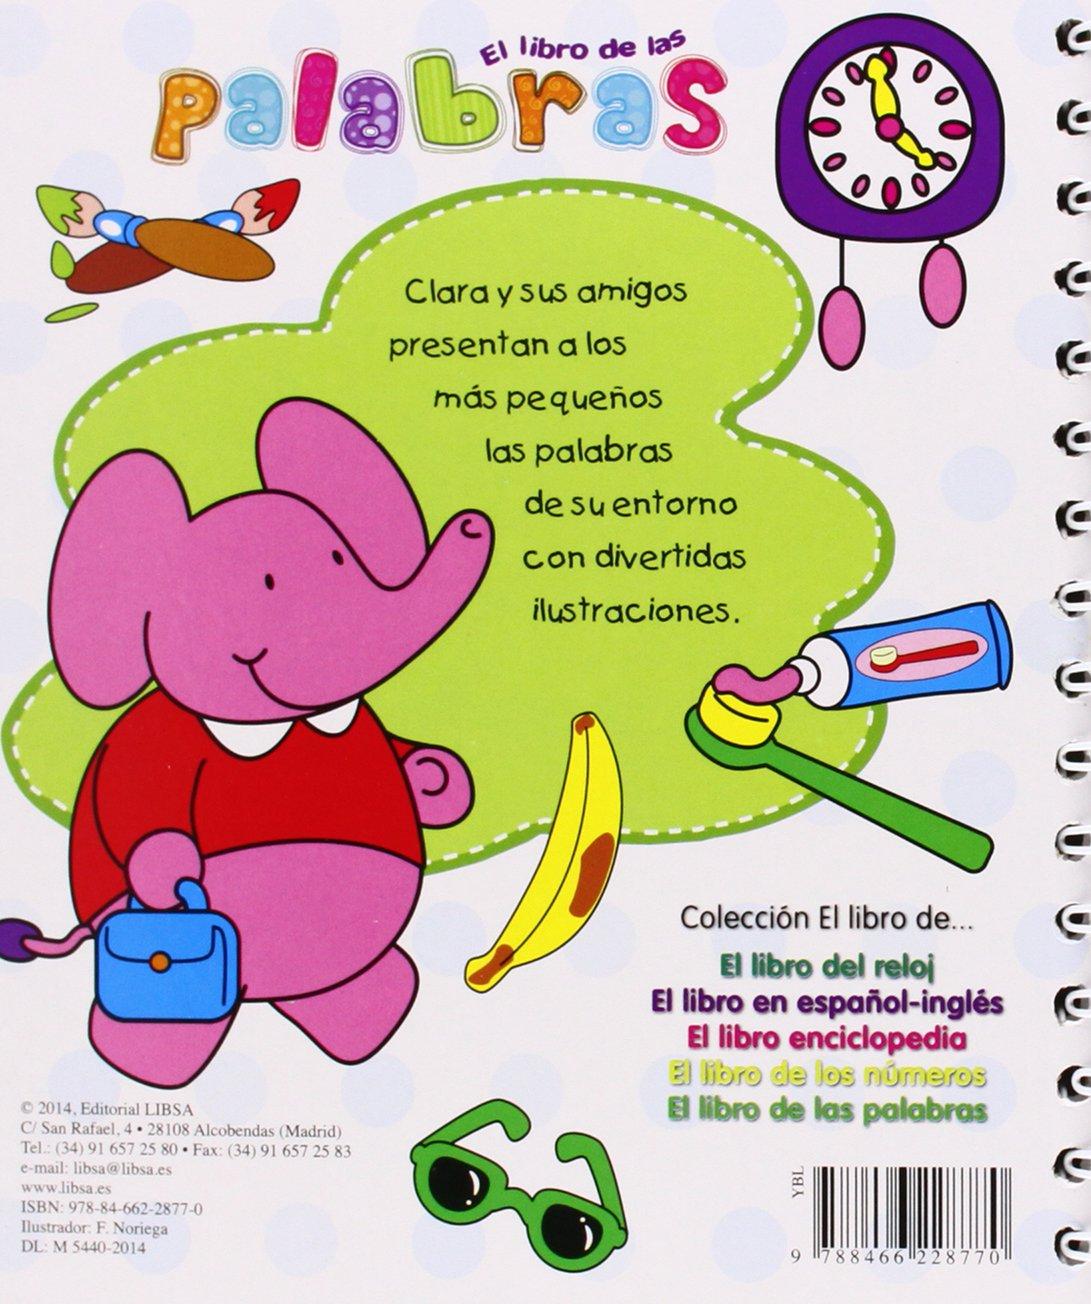 El Libro de las Palabras: Equipo Editorial: 9788466228770: Amazon.com: Books